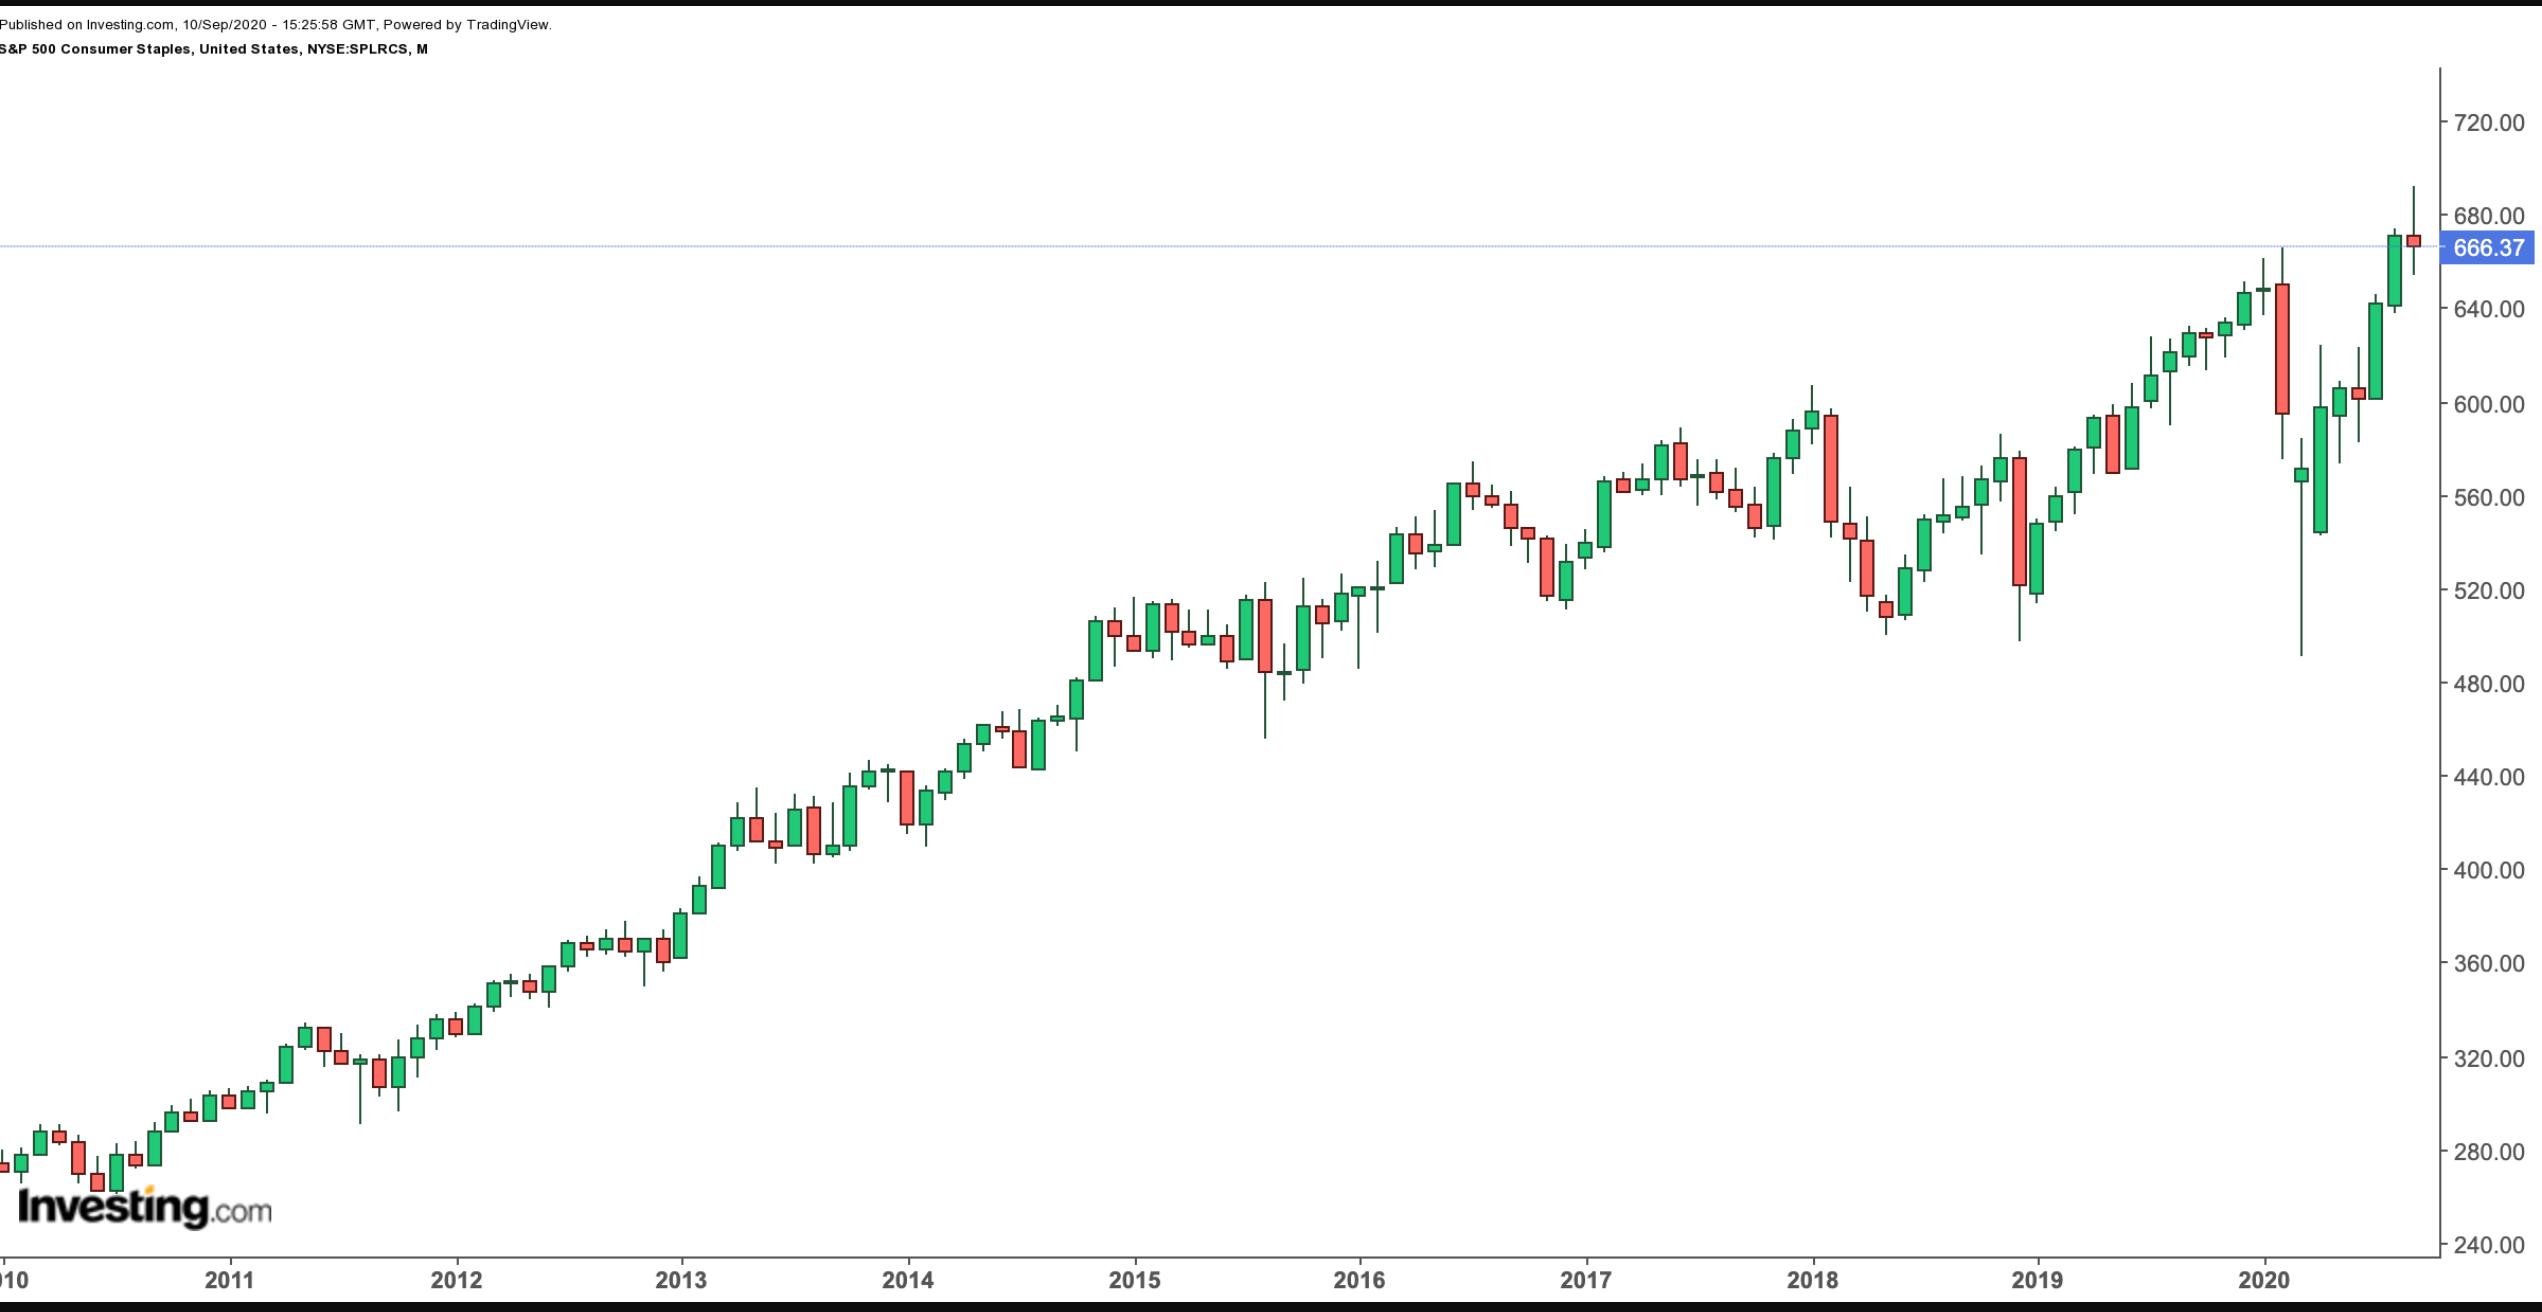 S&P 500 Consumer Staples Index 10-Year Chart.